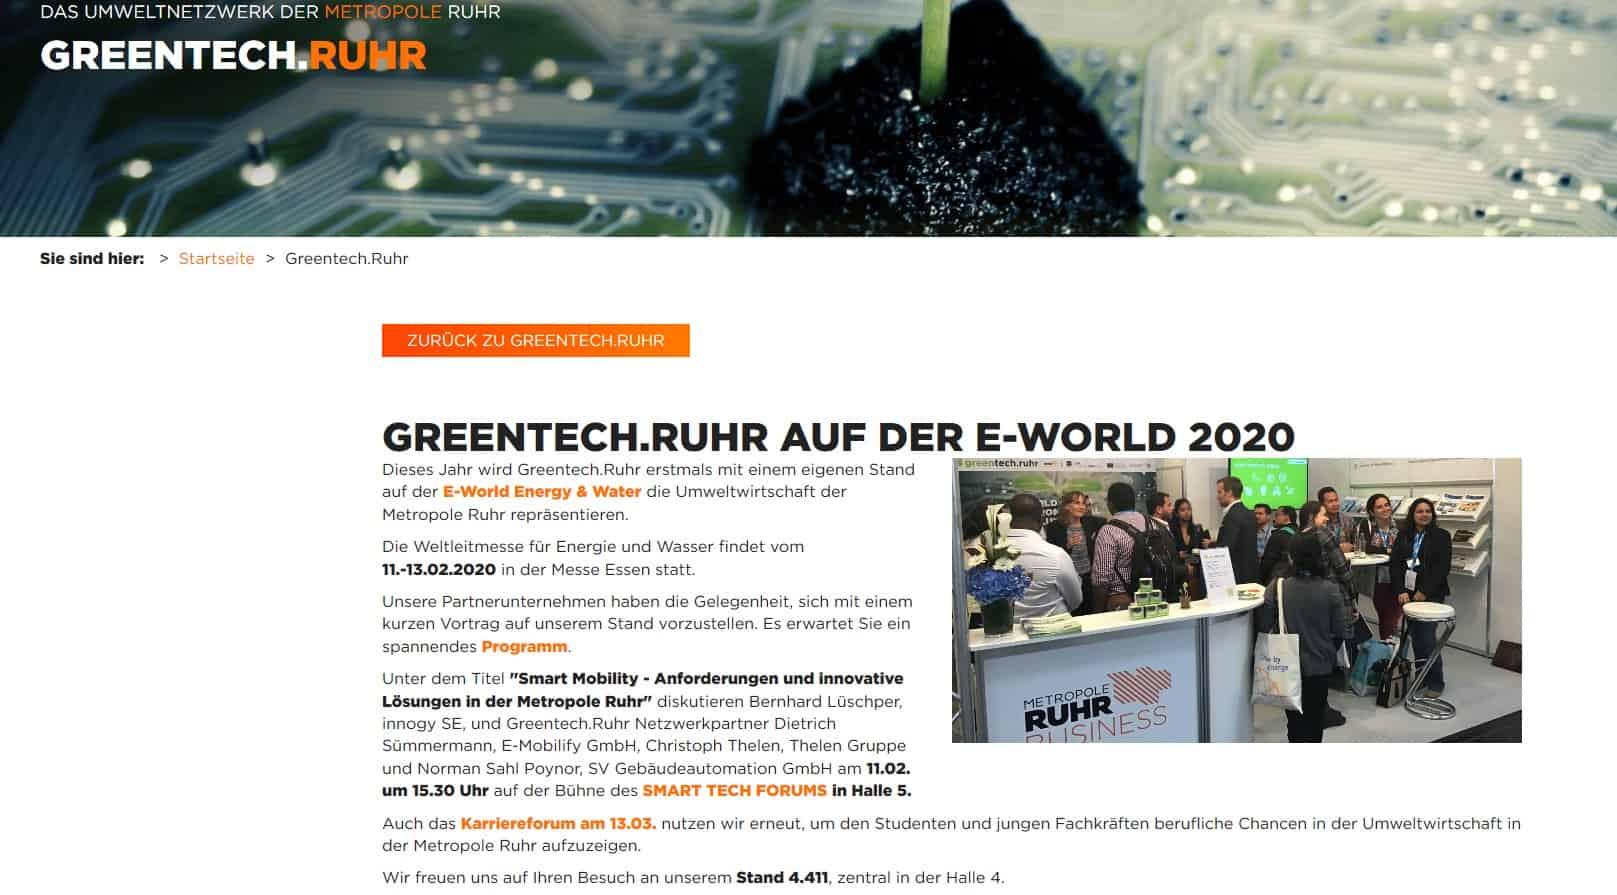 GREENTECH.RUHR AUF DER E-WORLD 2020